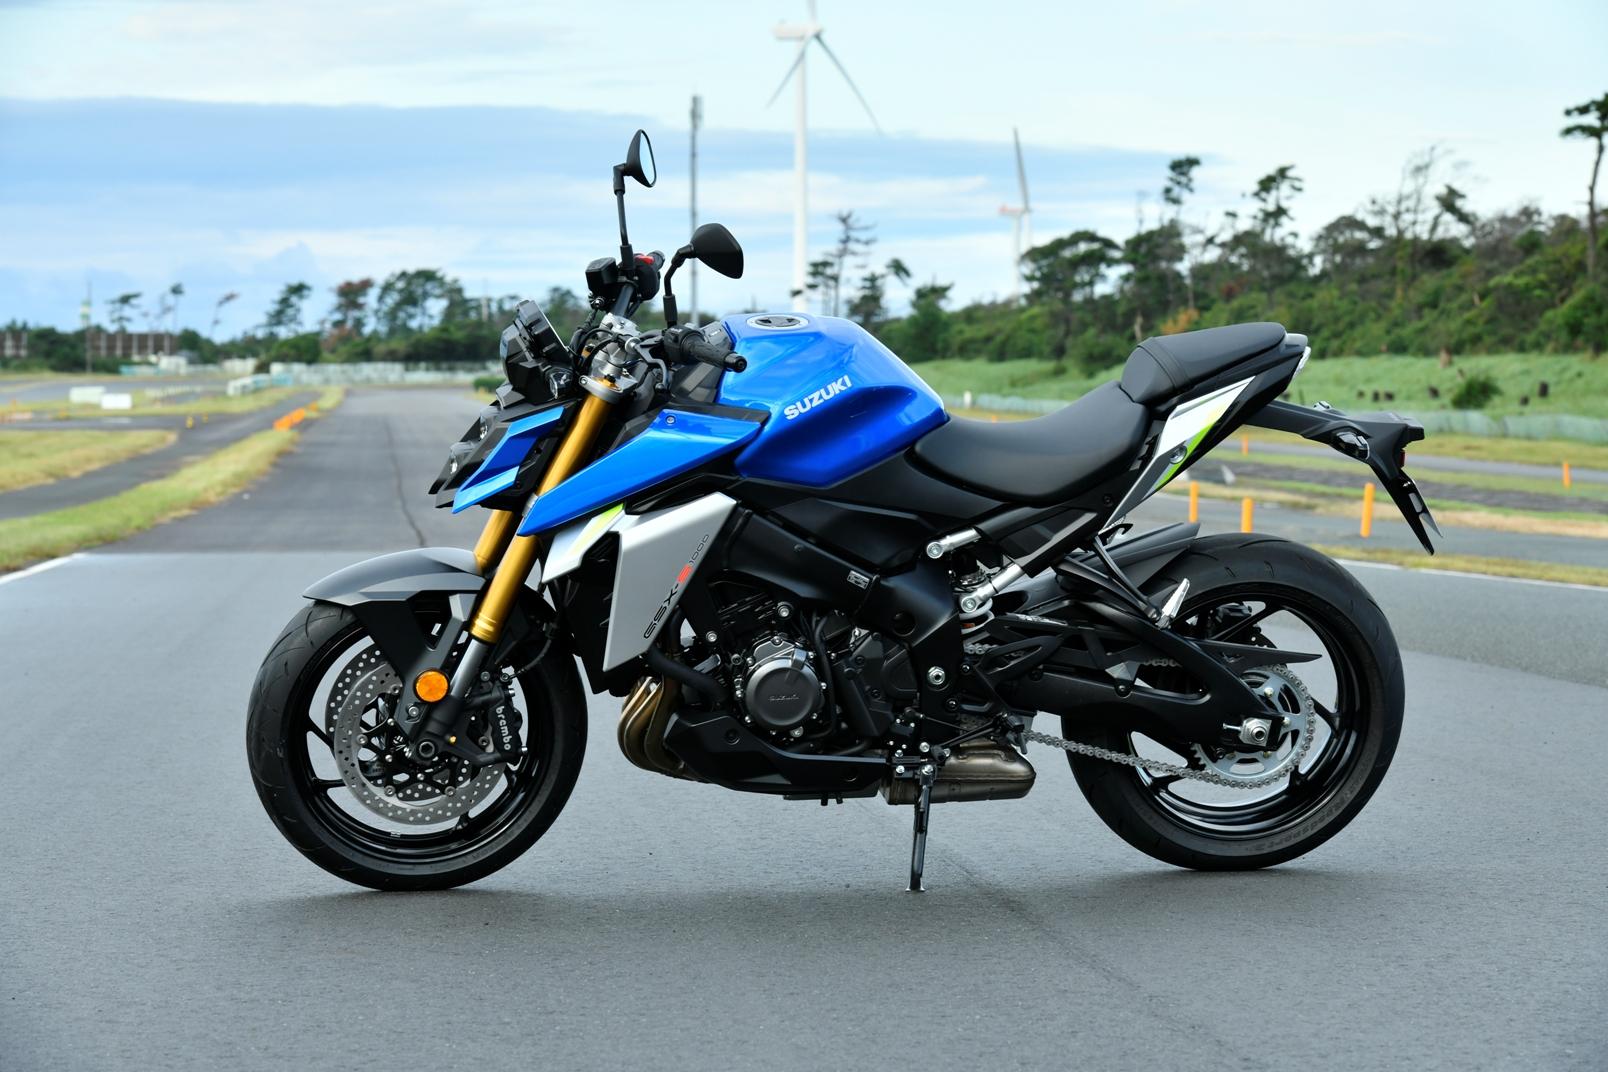 Suzuki Gsx S 1000 2021 (16)